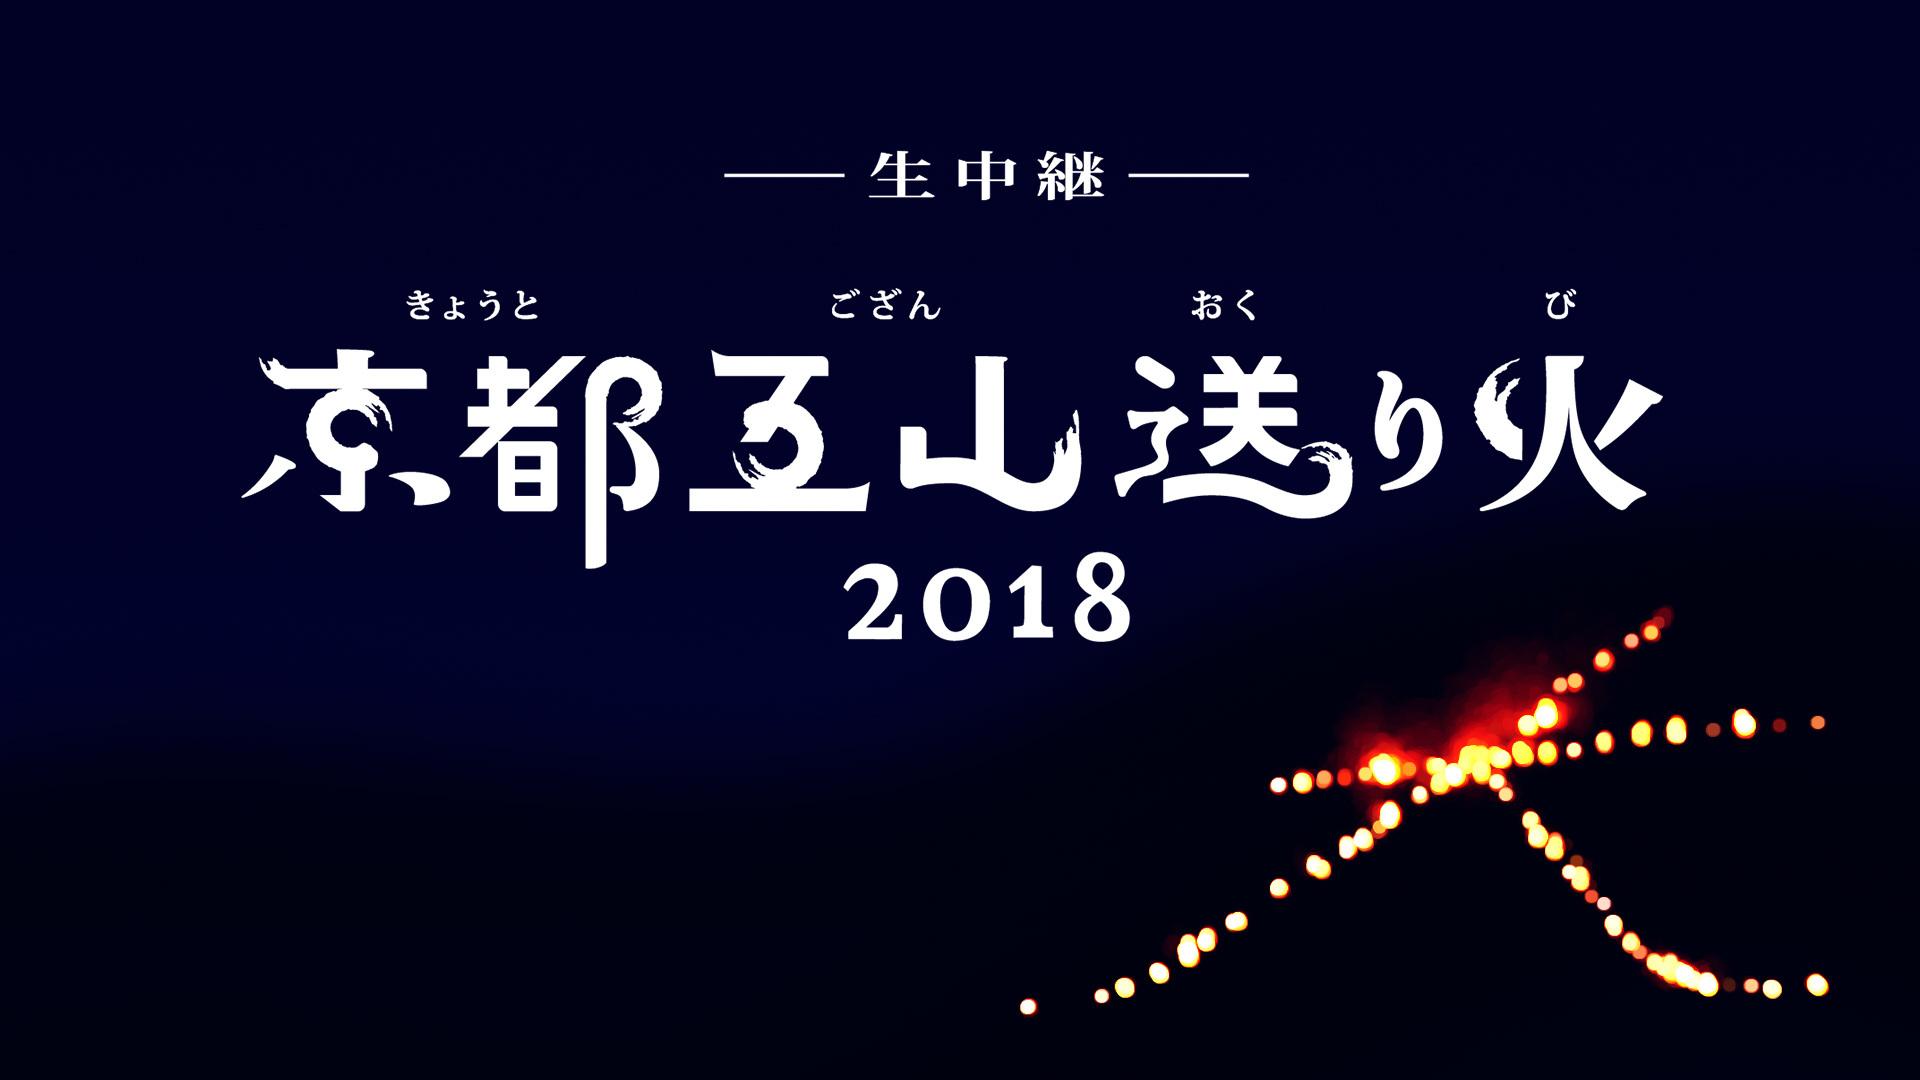 生中継!京都五山送り火2018